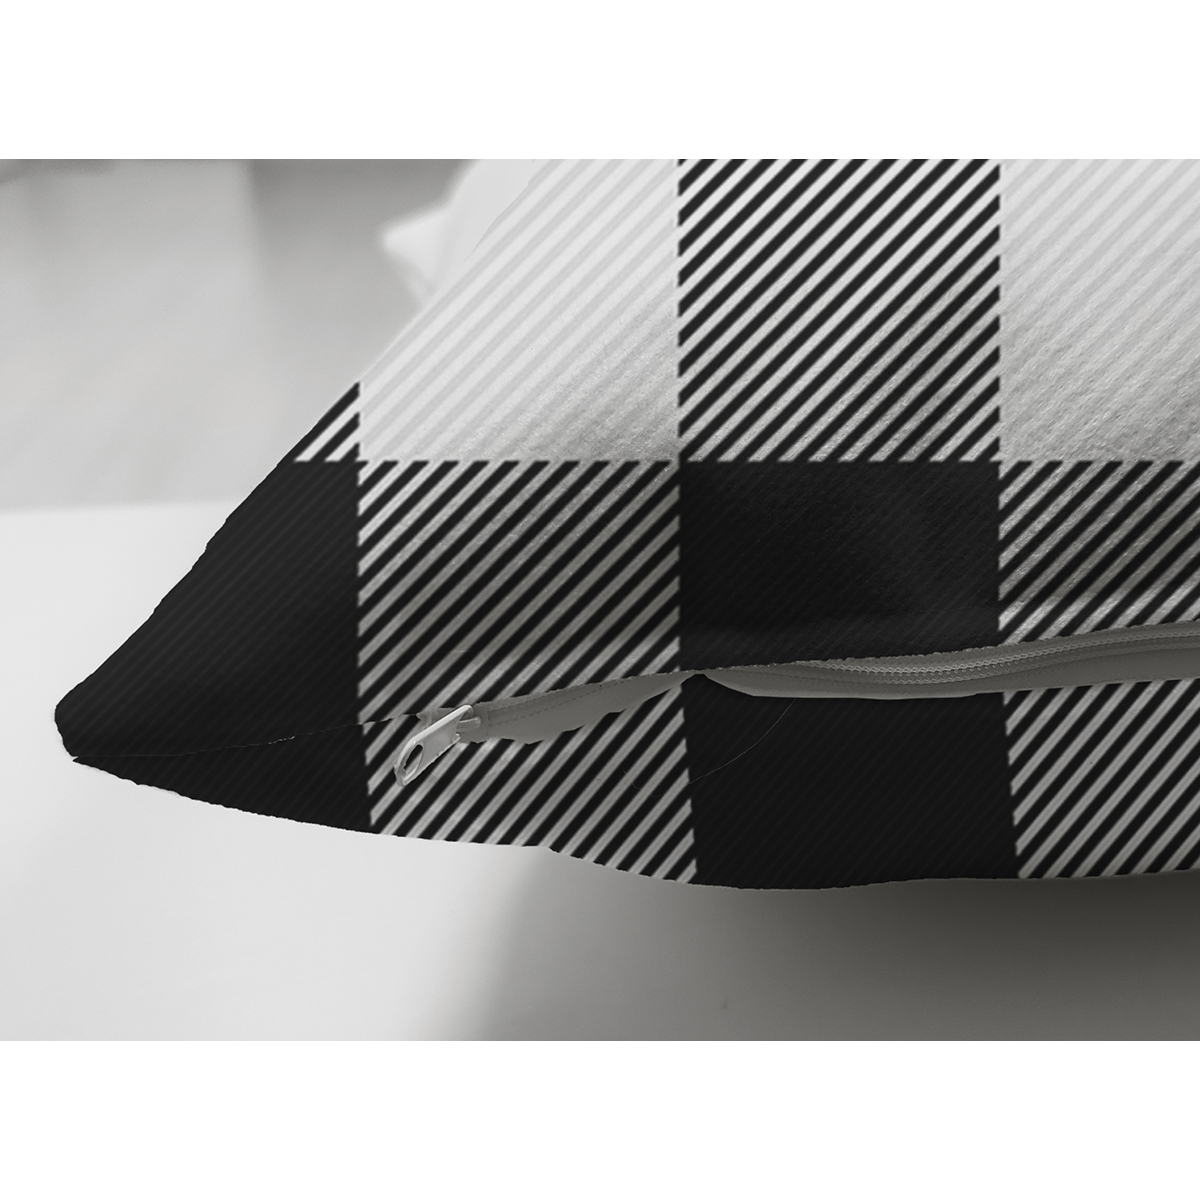 Çift Taraflı Beyaz Zeminli Siyah Ekose Desenli Dijital Baskılı Modern Süet Yastık Kırlent Kılıfı Realhomes